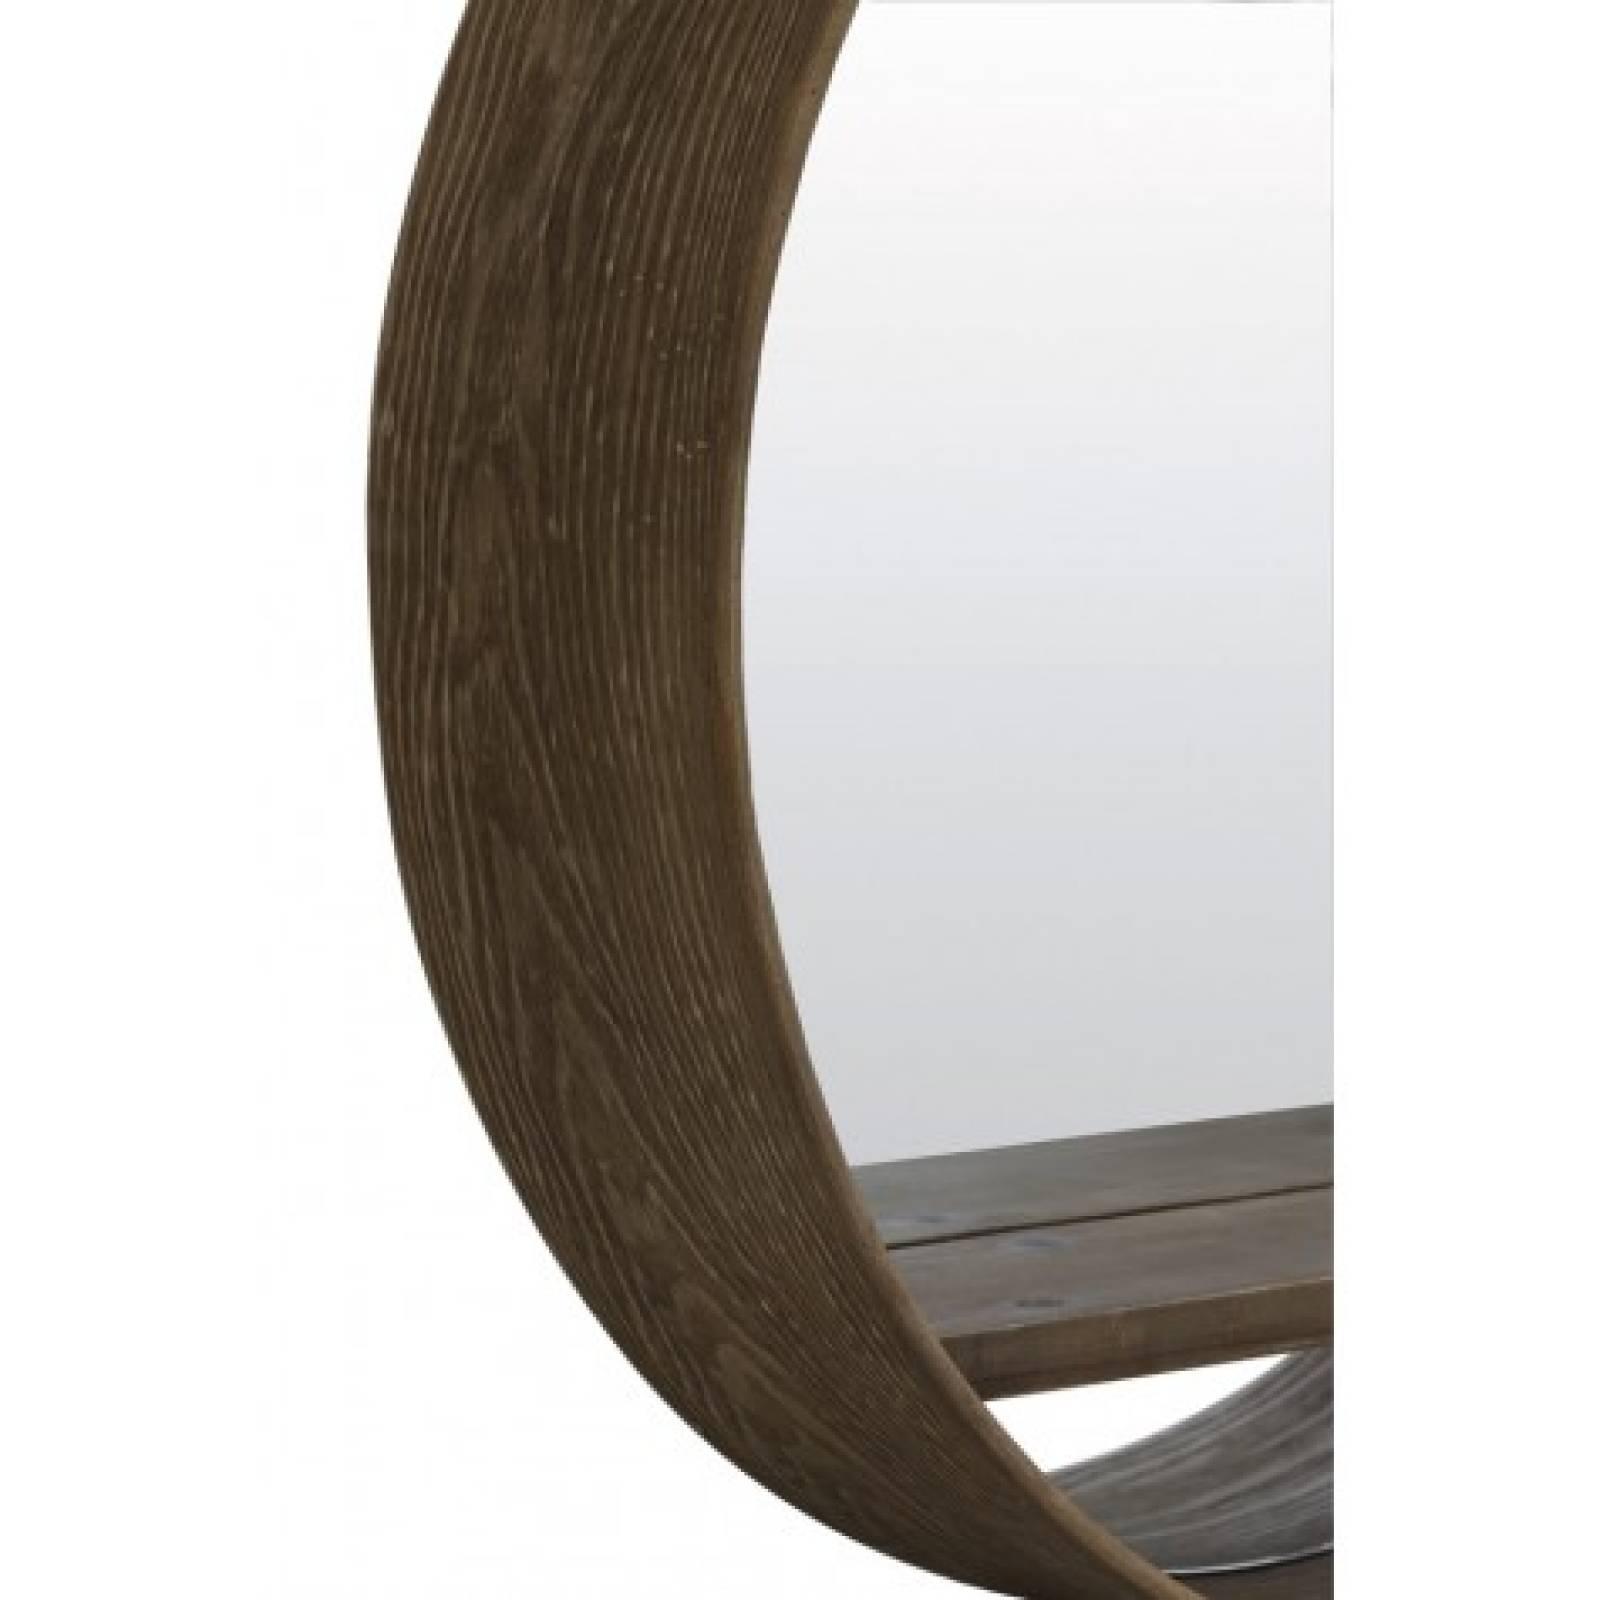 Round Dark Wood Mirror With Shelf thumbnails